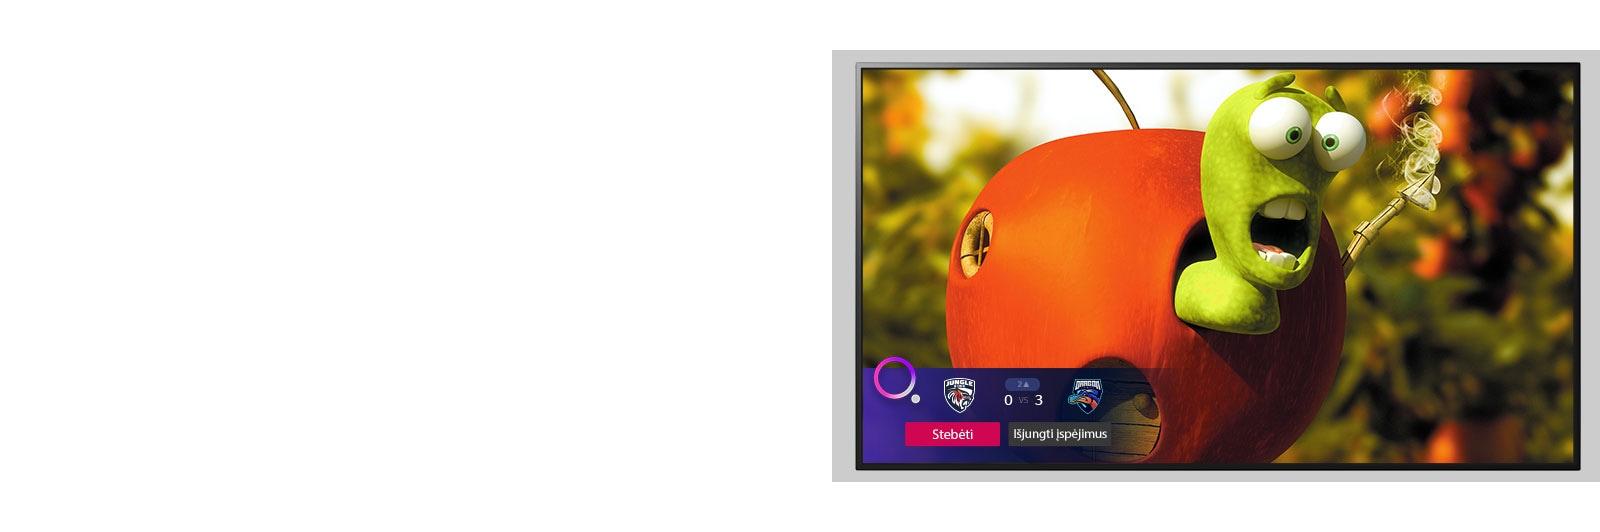 TV ekrane rodomas animacinis personažas, o ekrano apačioje matomas su sportu susijęs įspėjimas.